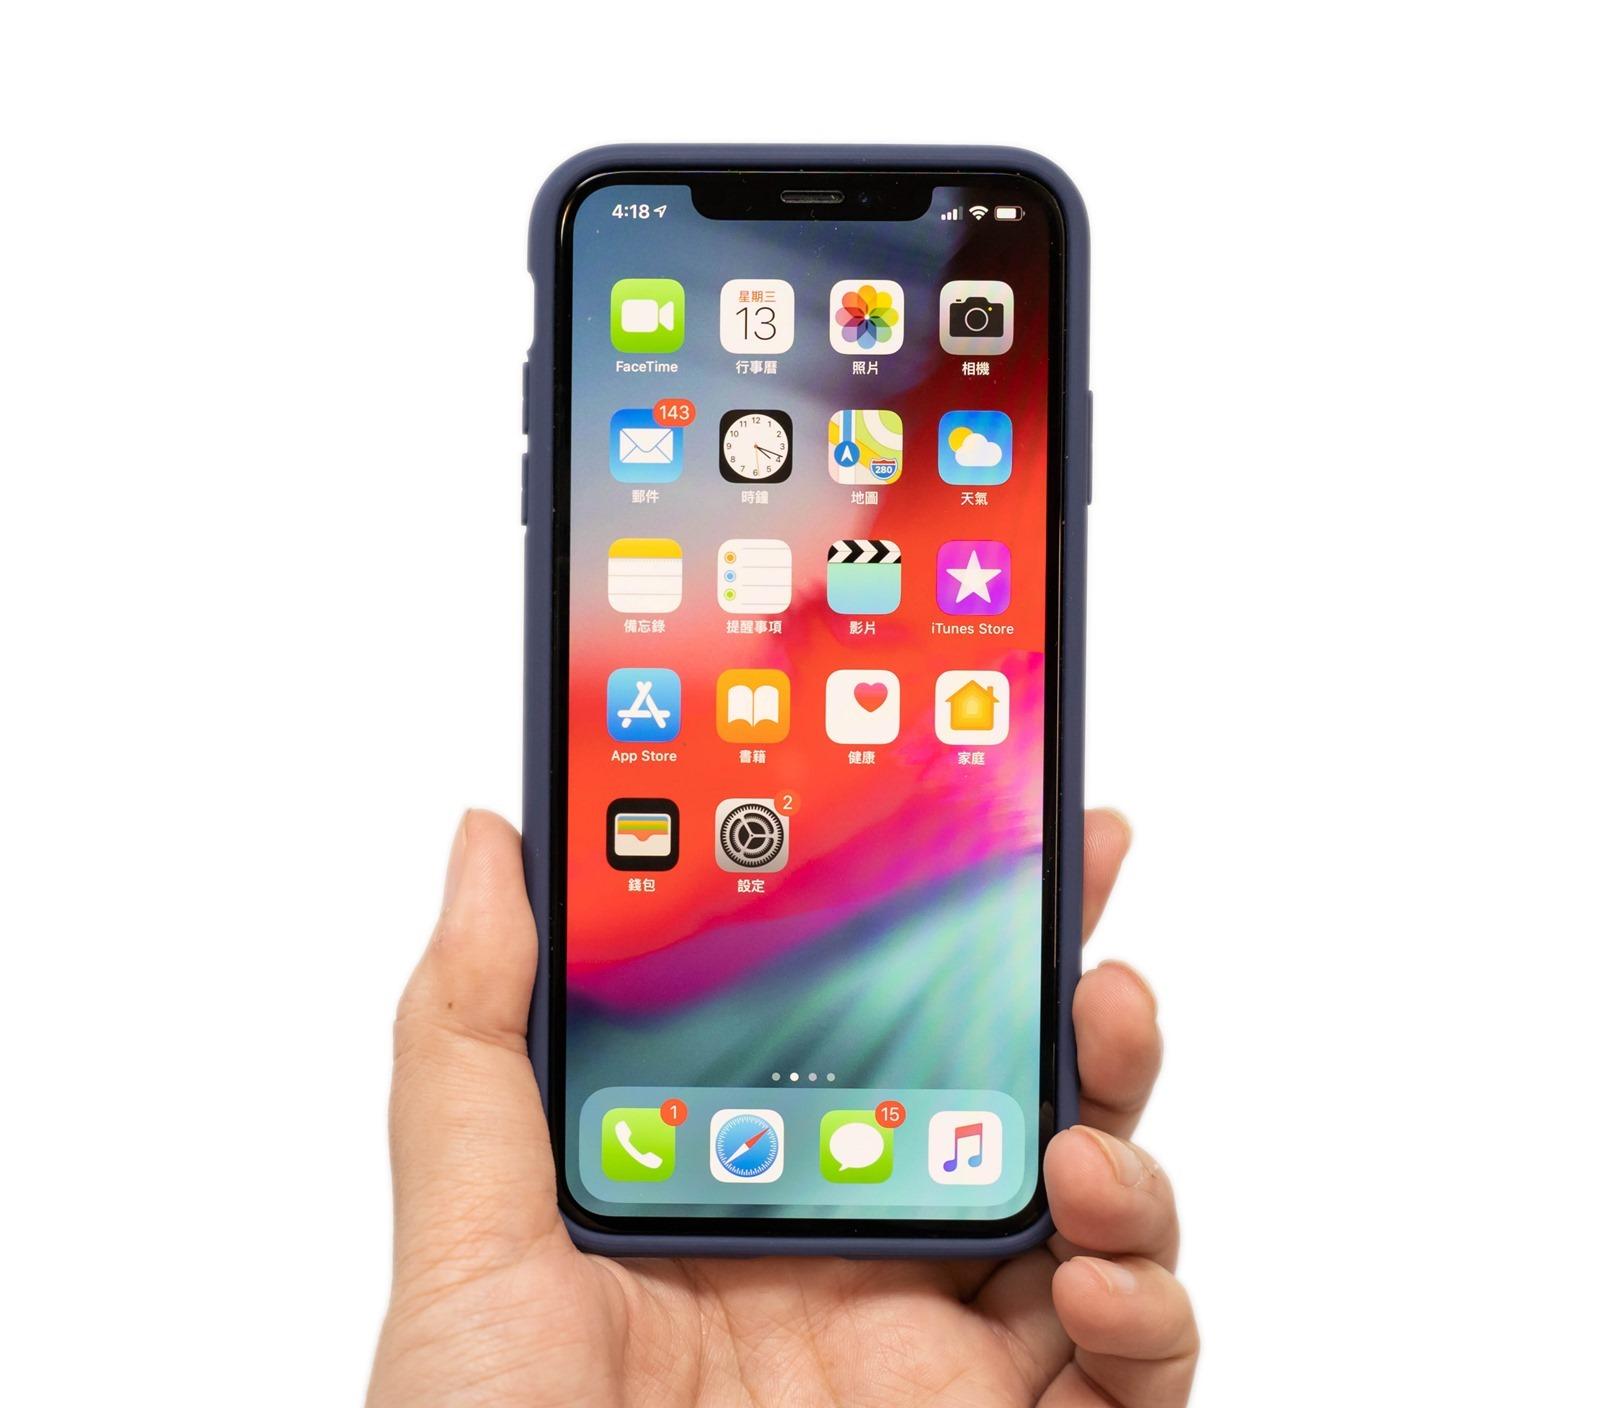 軍事等級妥善保護手機,防摔、抗震,擋指紋,hoda 手機殼強悍美形超輕量(iPhone Xs Max, Mate 20 Pro)@3C 達人廖阿輝